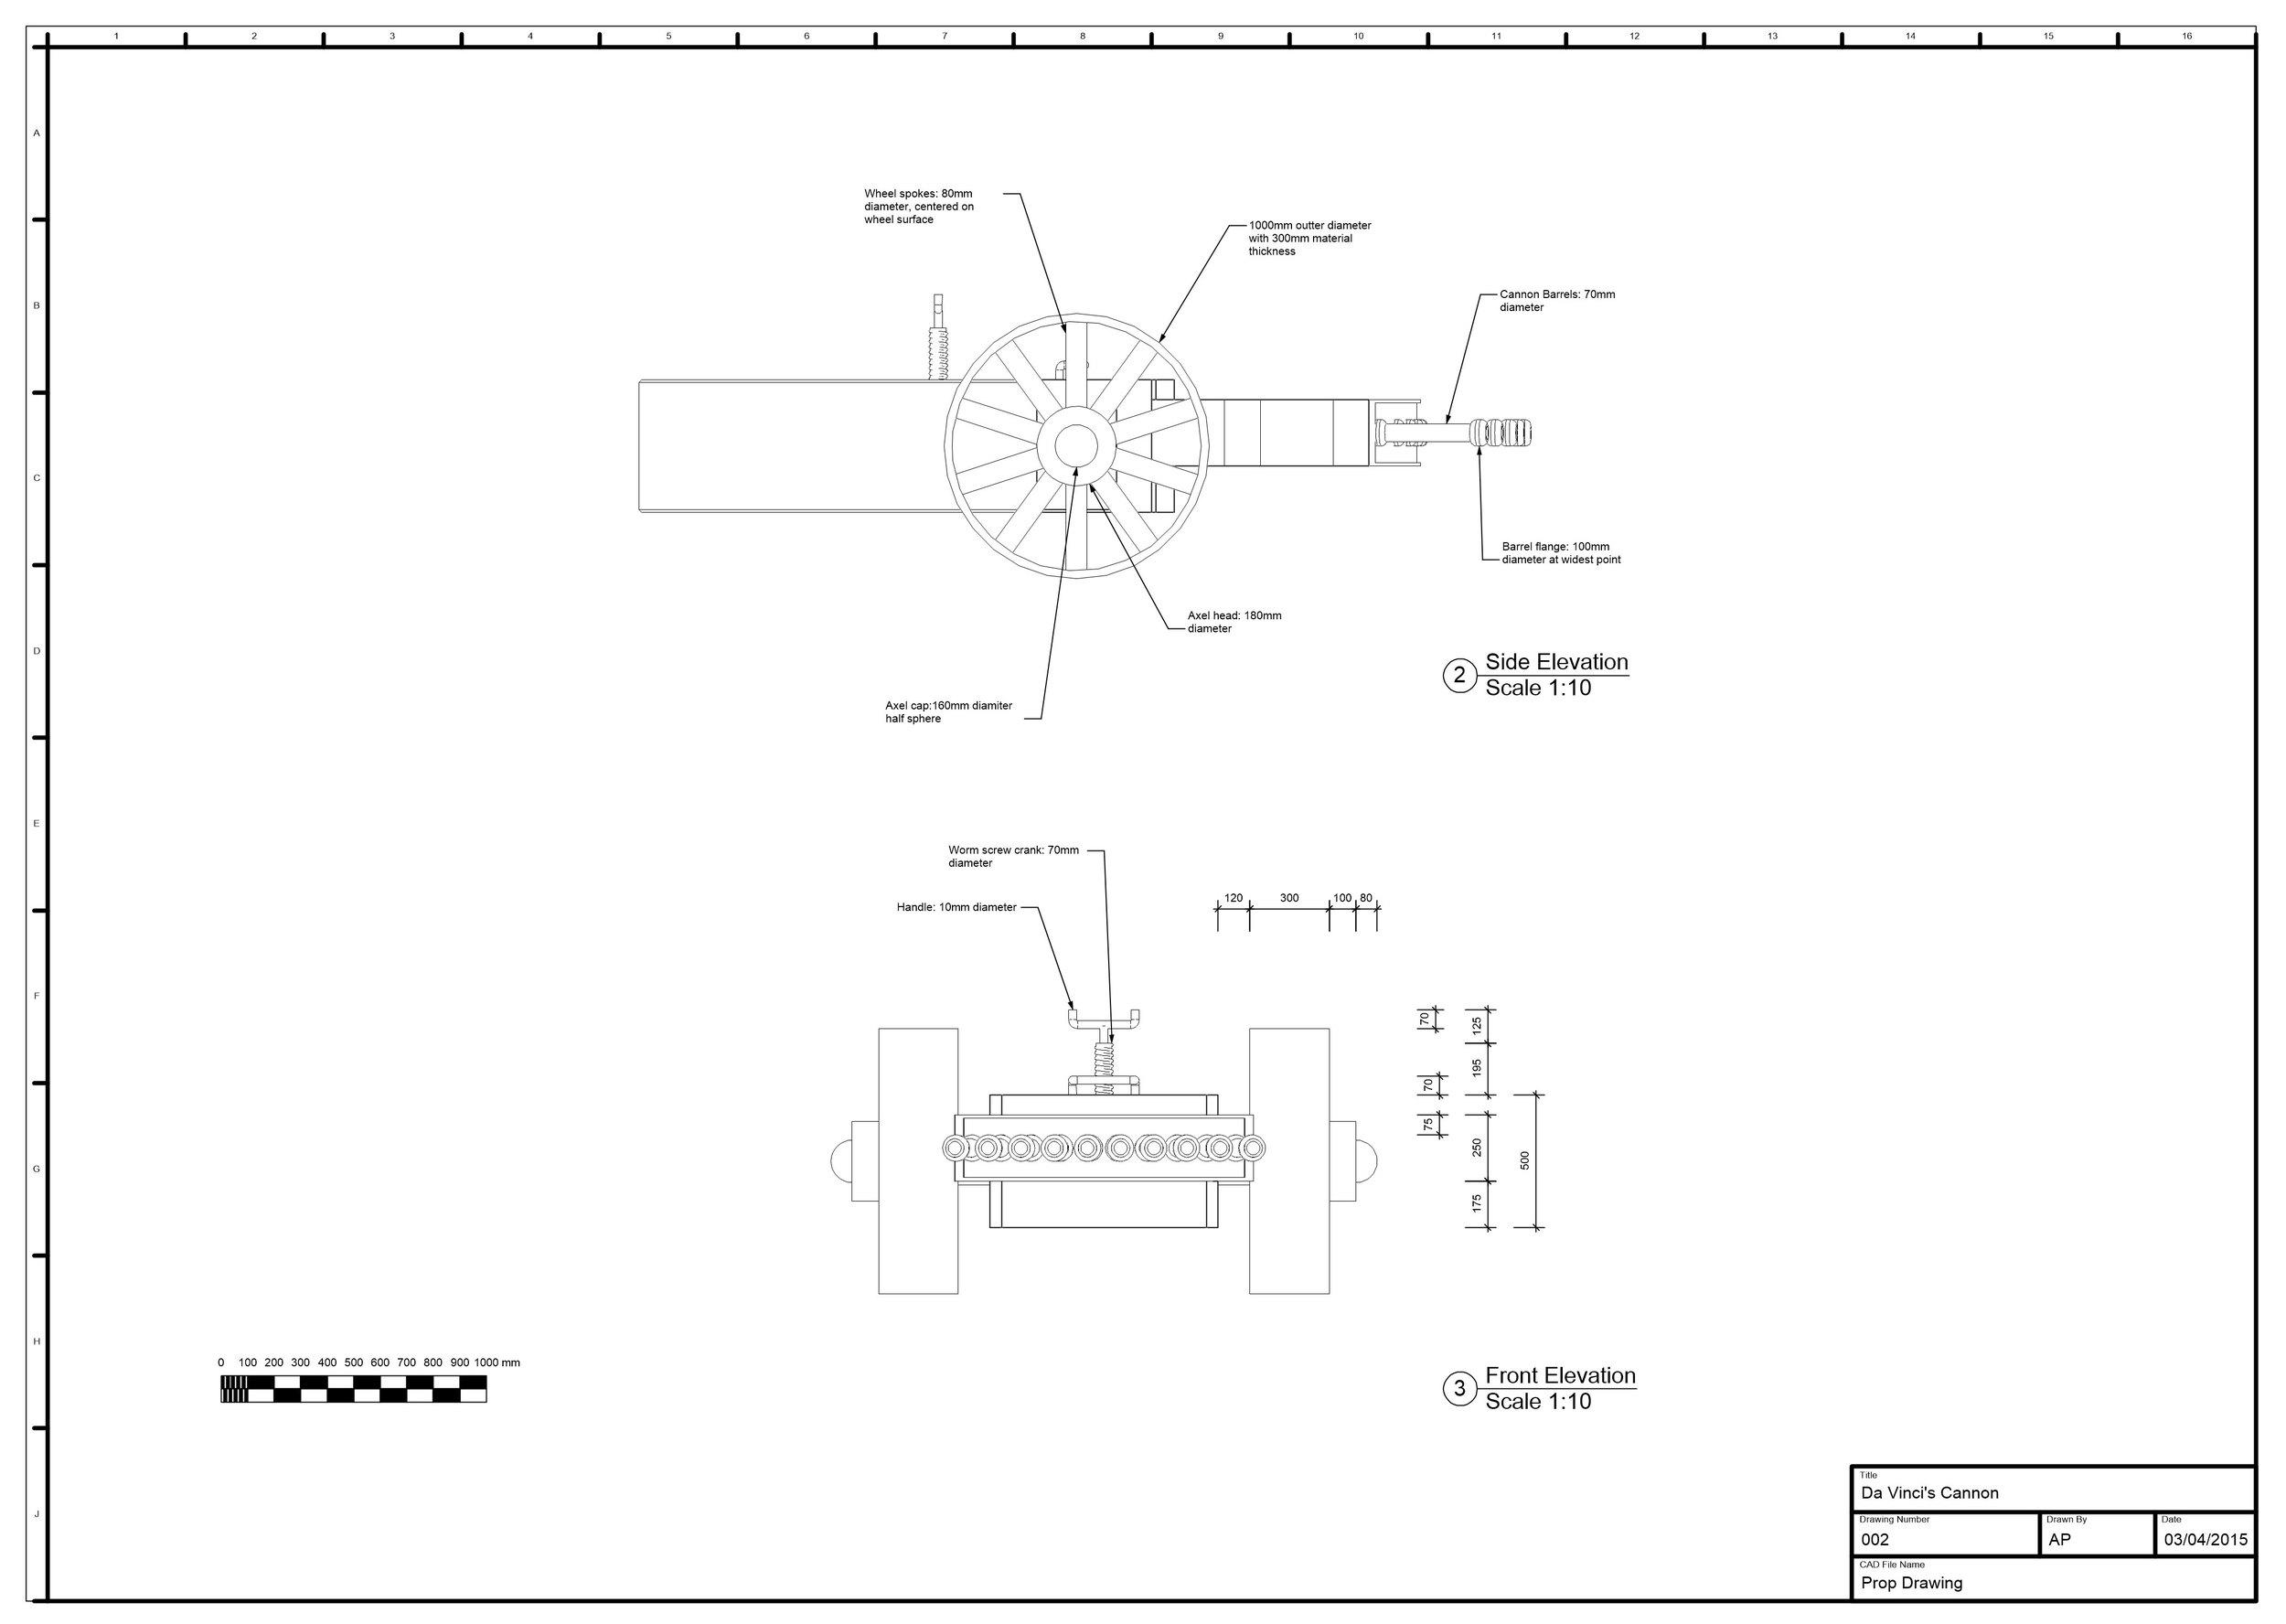 Da-Vinci's-Cannon---Complete---Anastassia4344.jpg